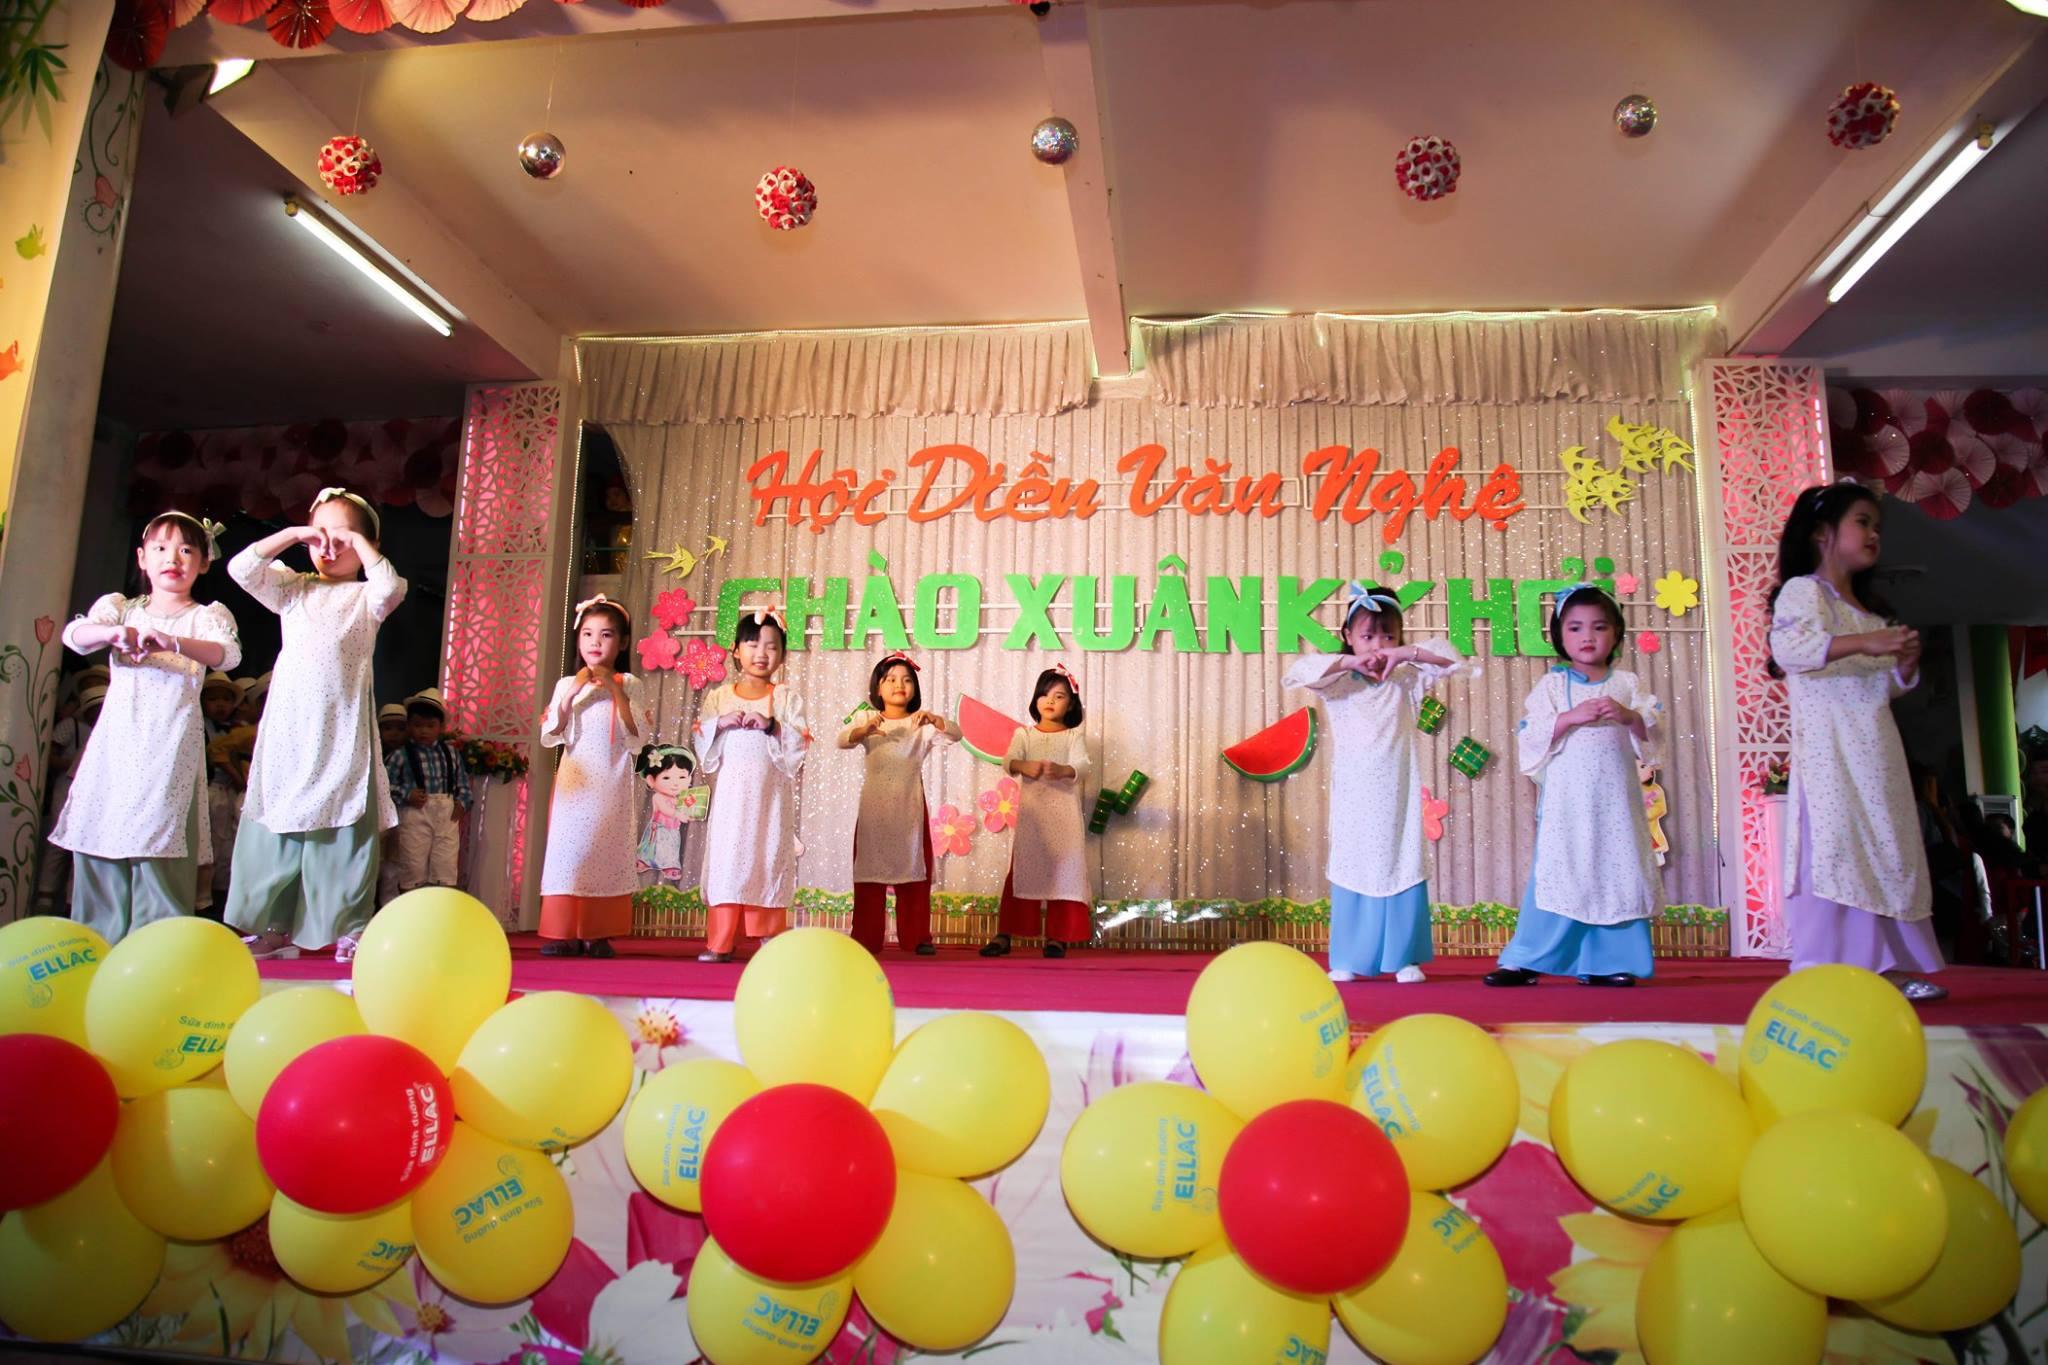 Trường mầm non Hoa Phượng Đỏ - Trần Bình Trọng